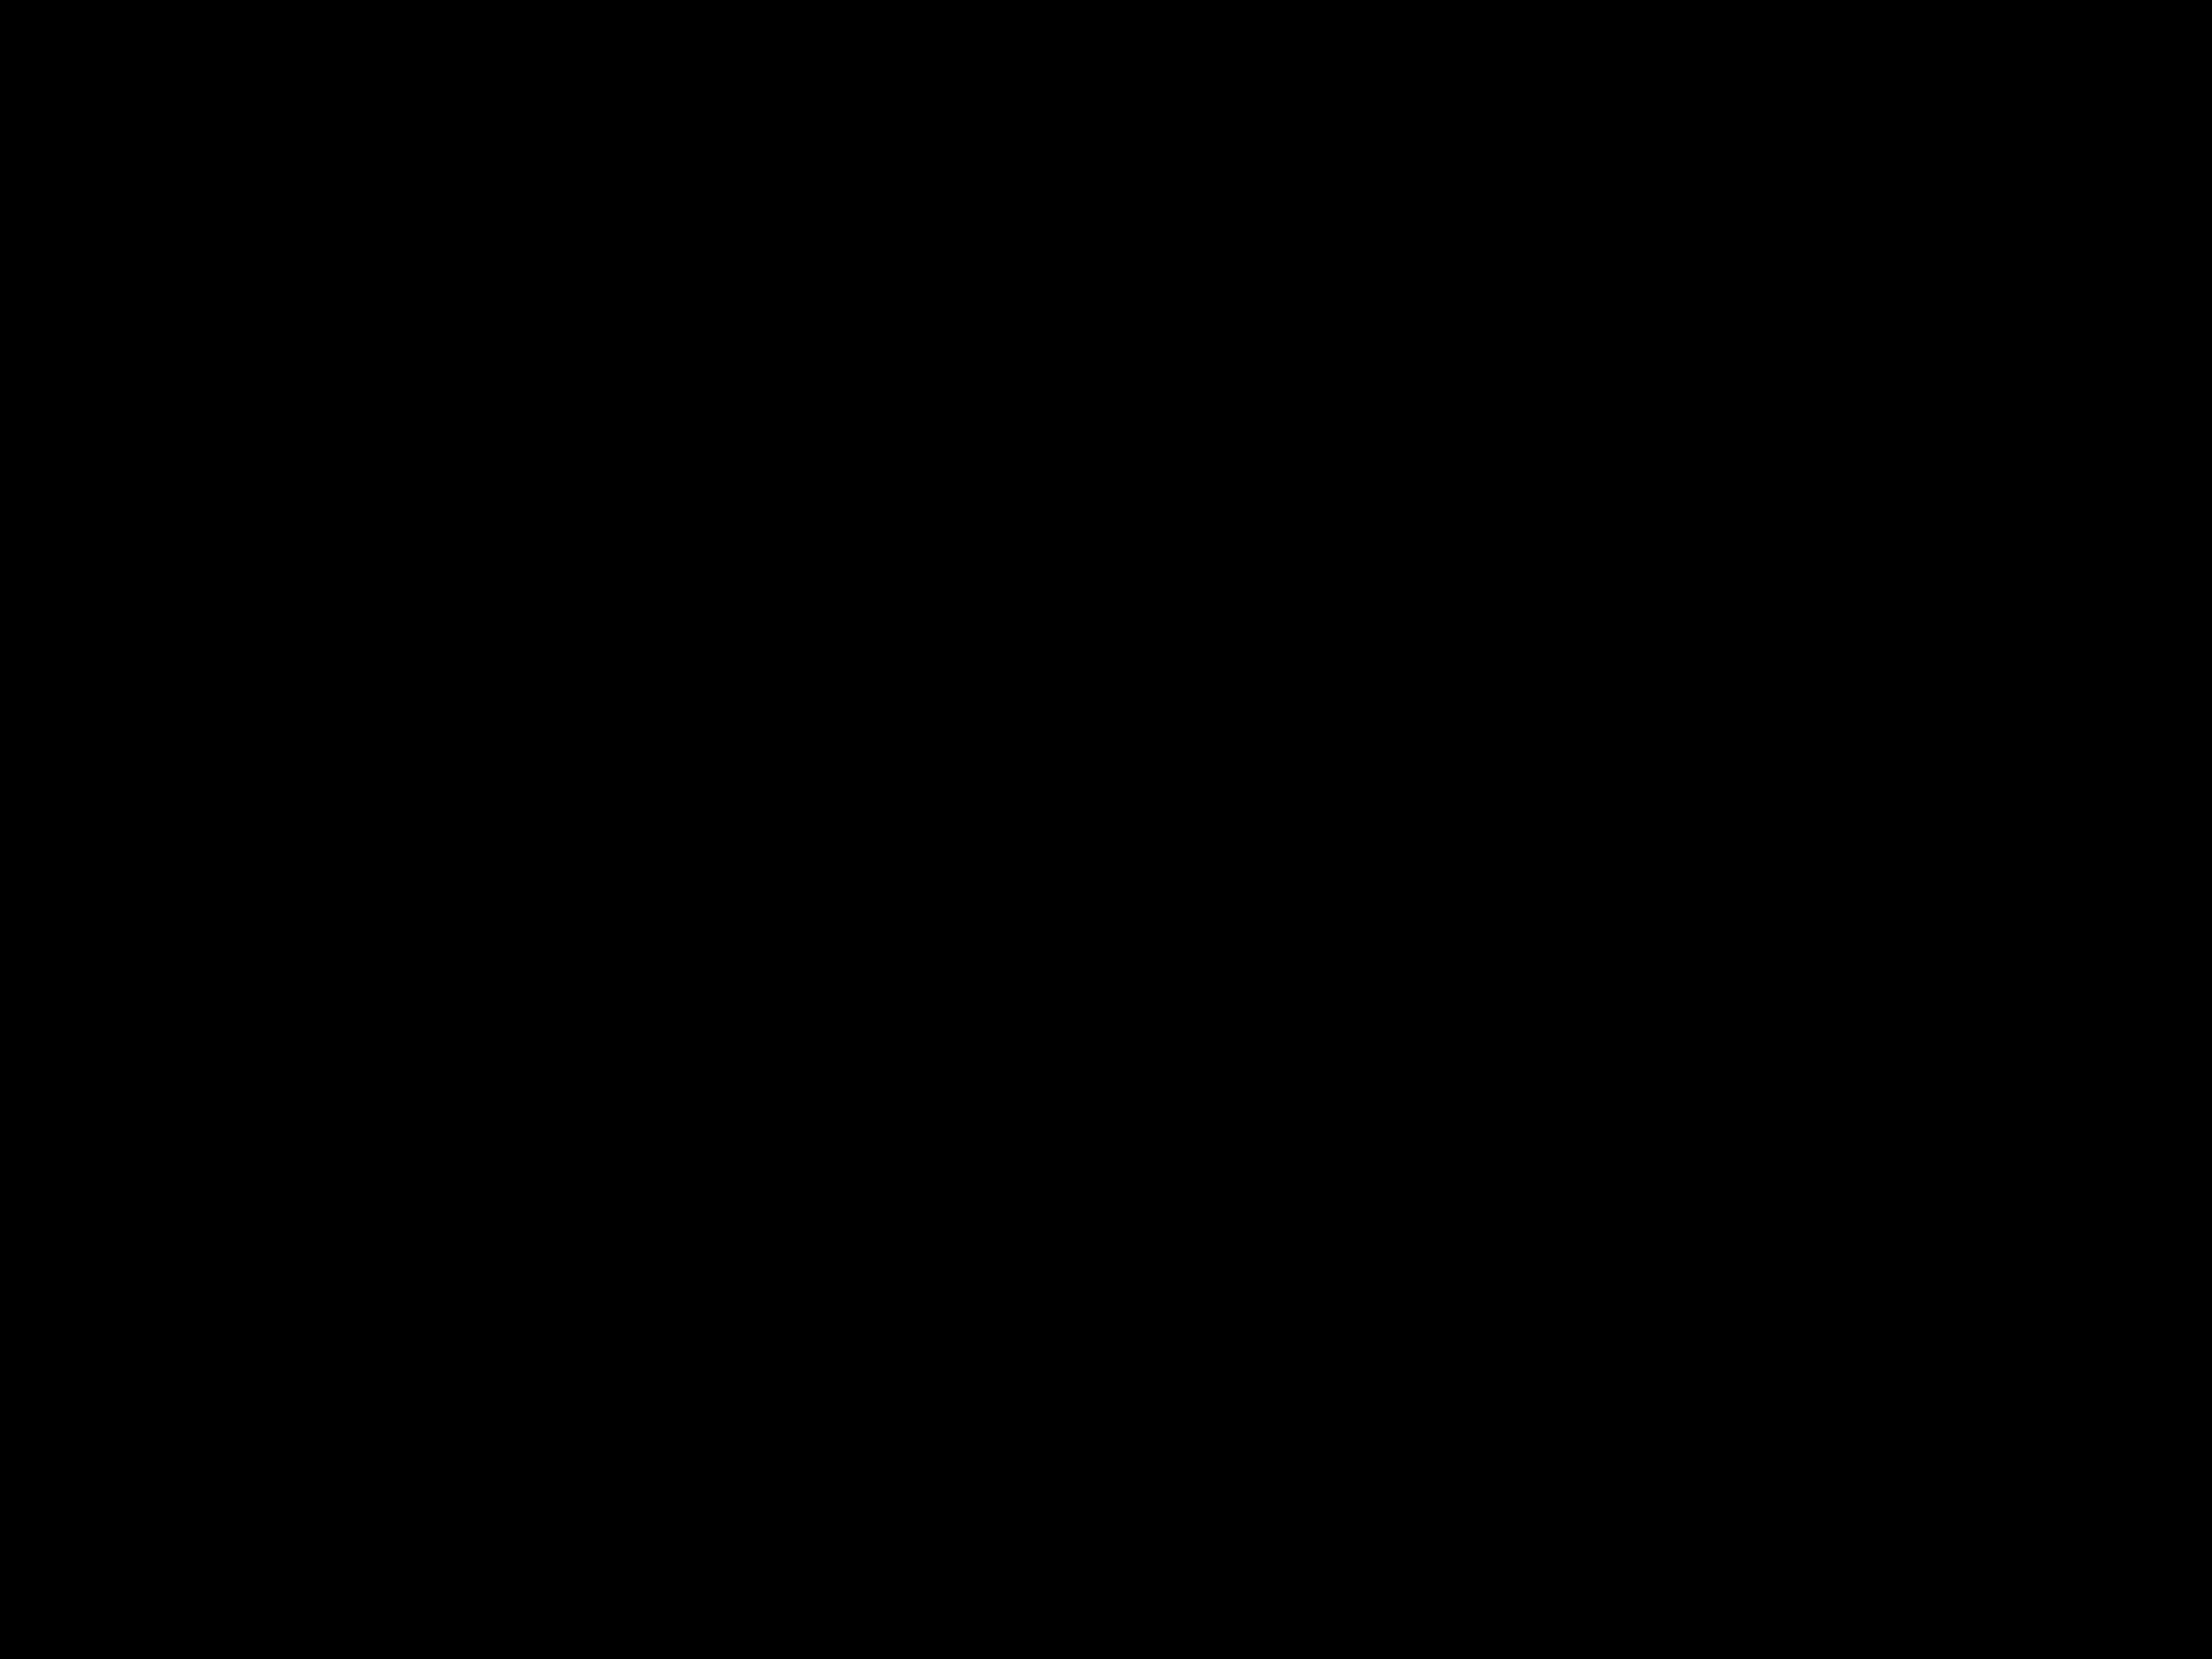 Wochentagsverteilung - Teilzeit